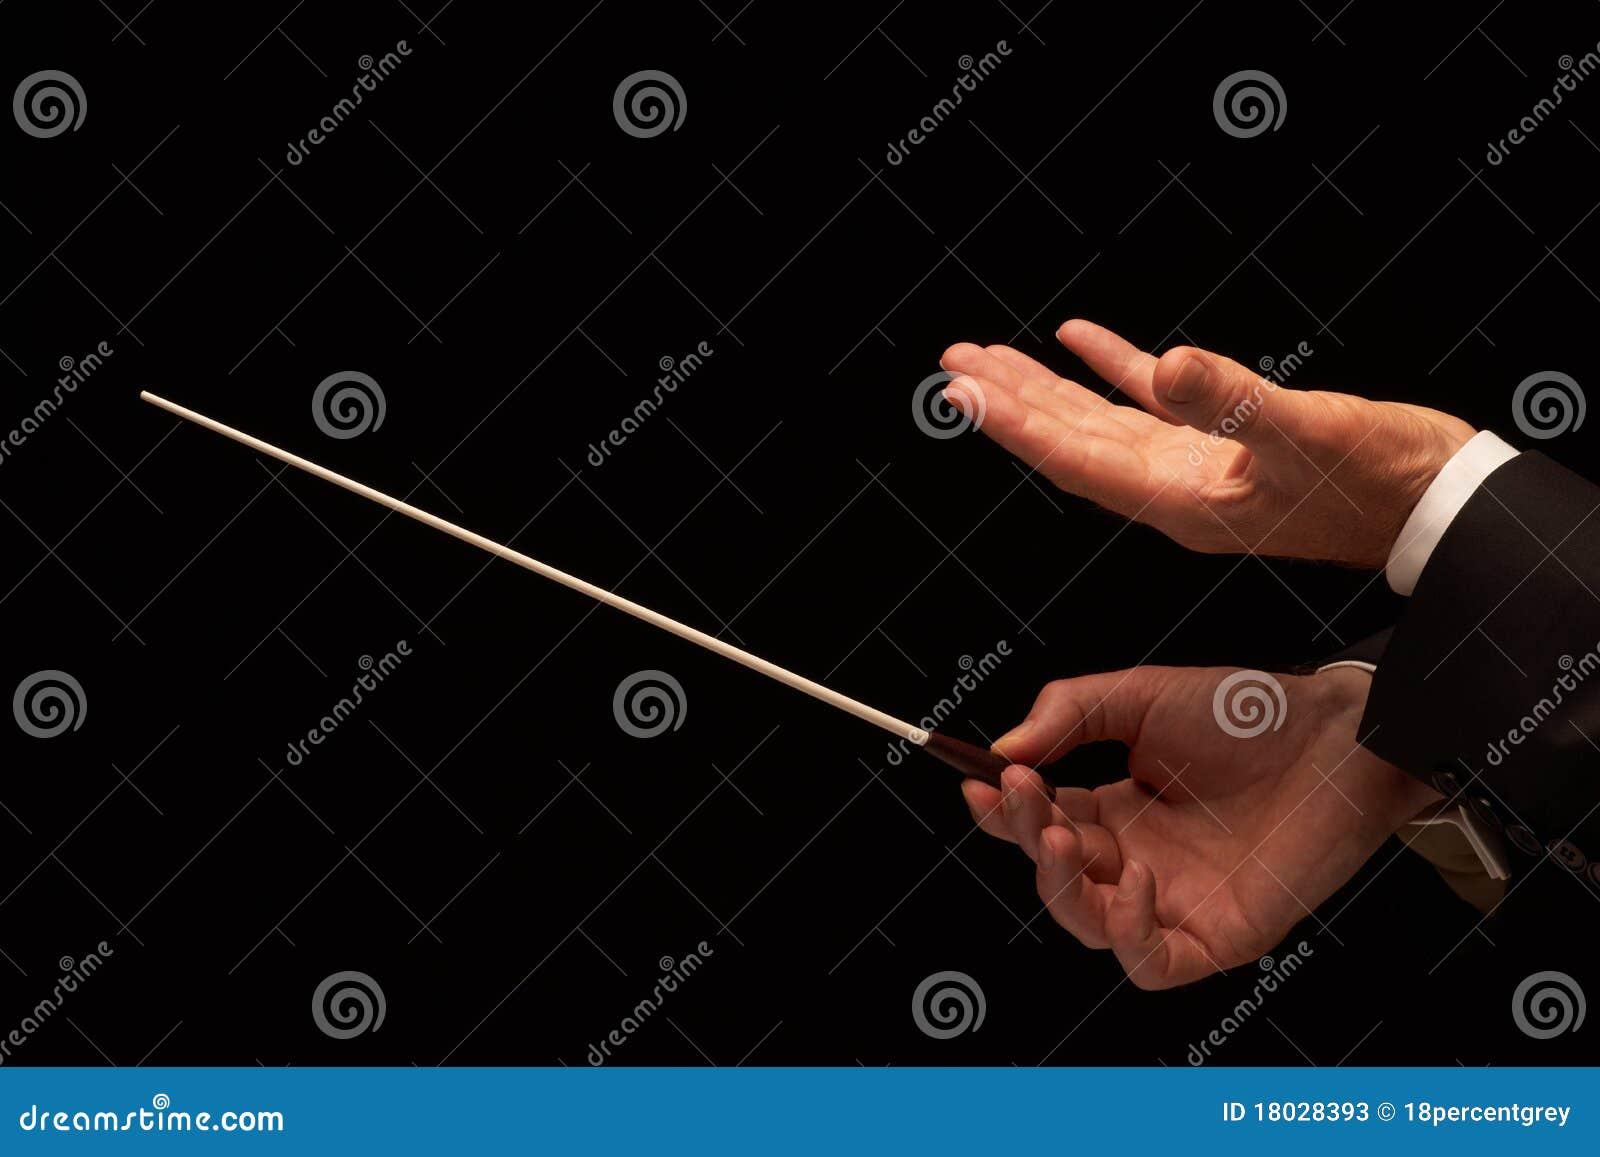 Konzertleiterhände mit Taktstock